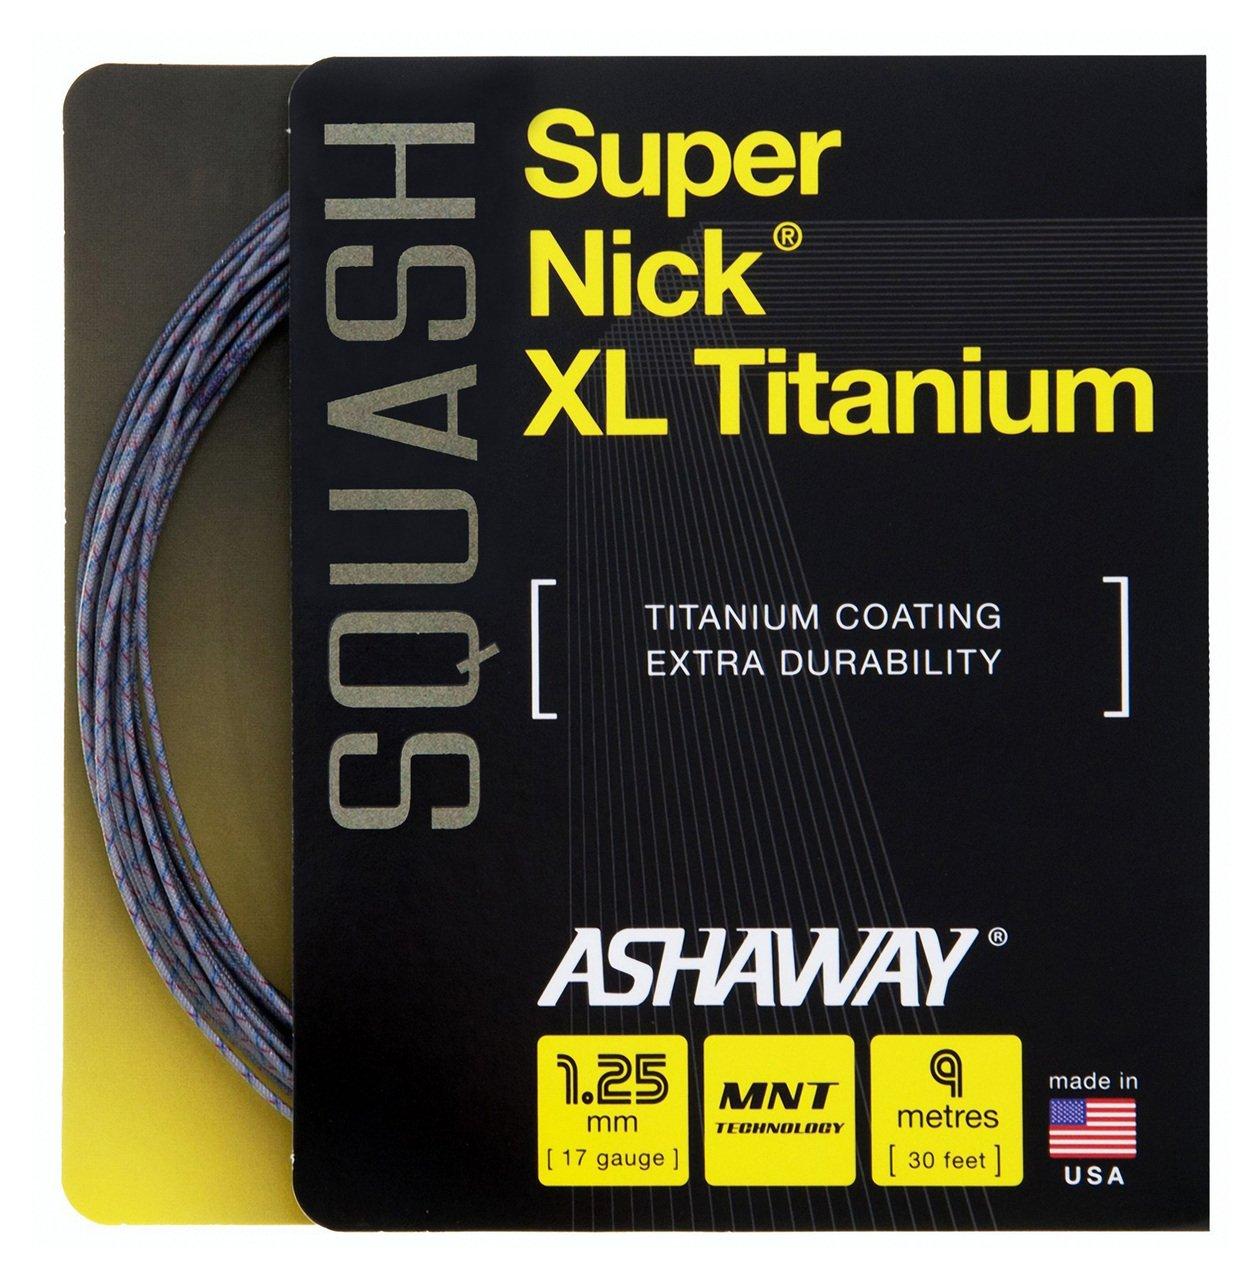 Ashaway SuperNick XL Titanium Squash Set - 17/1.25mm